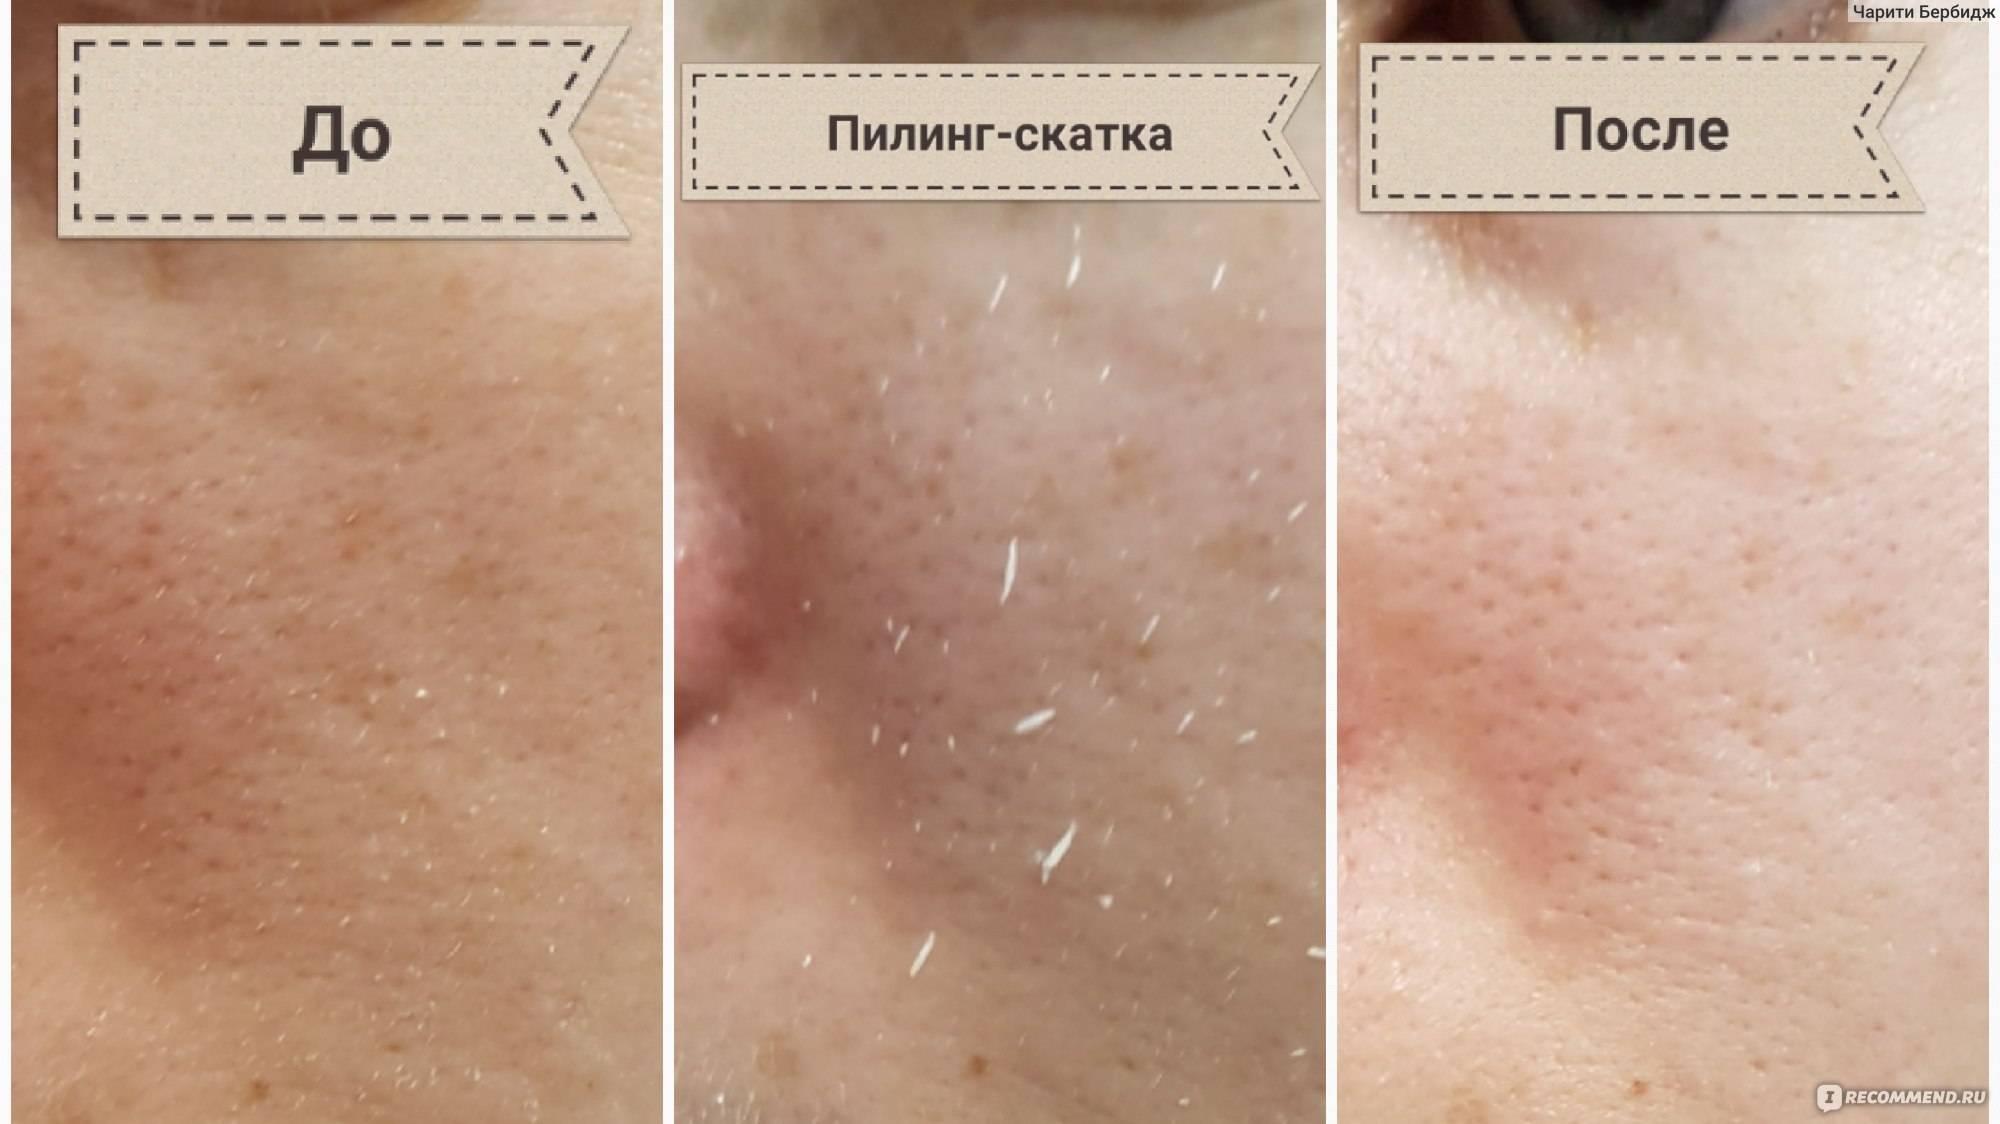 Использование пилинга скатки для кожи лица